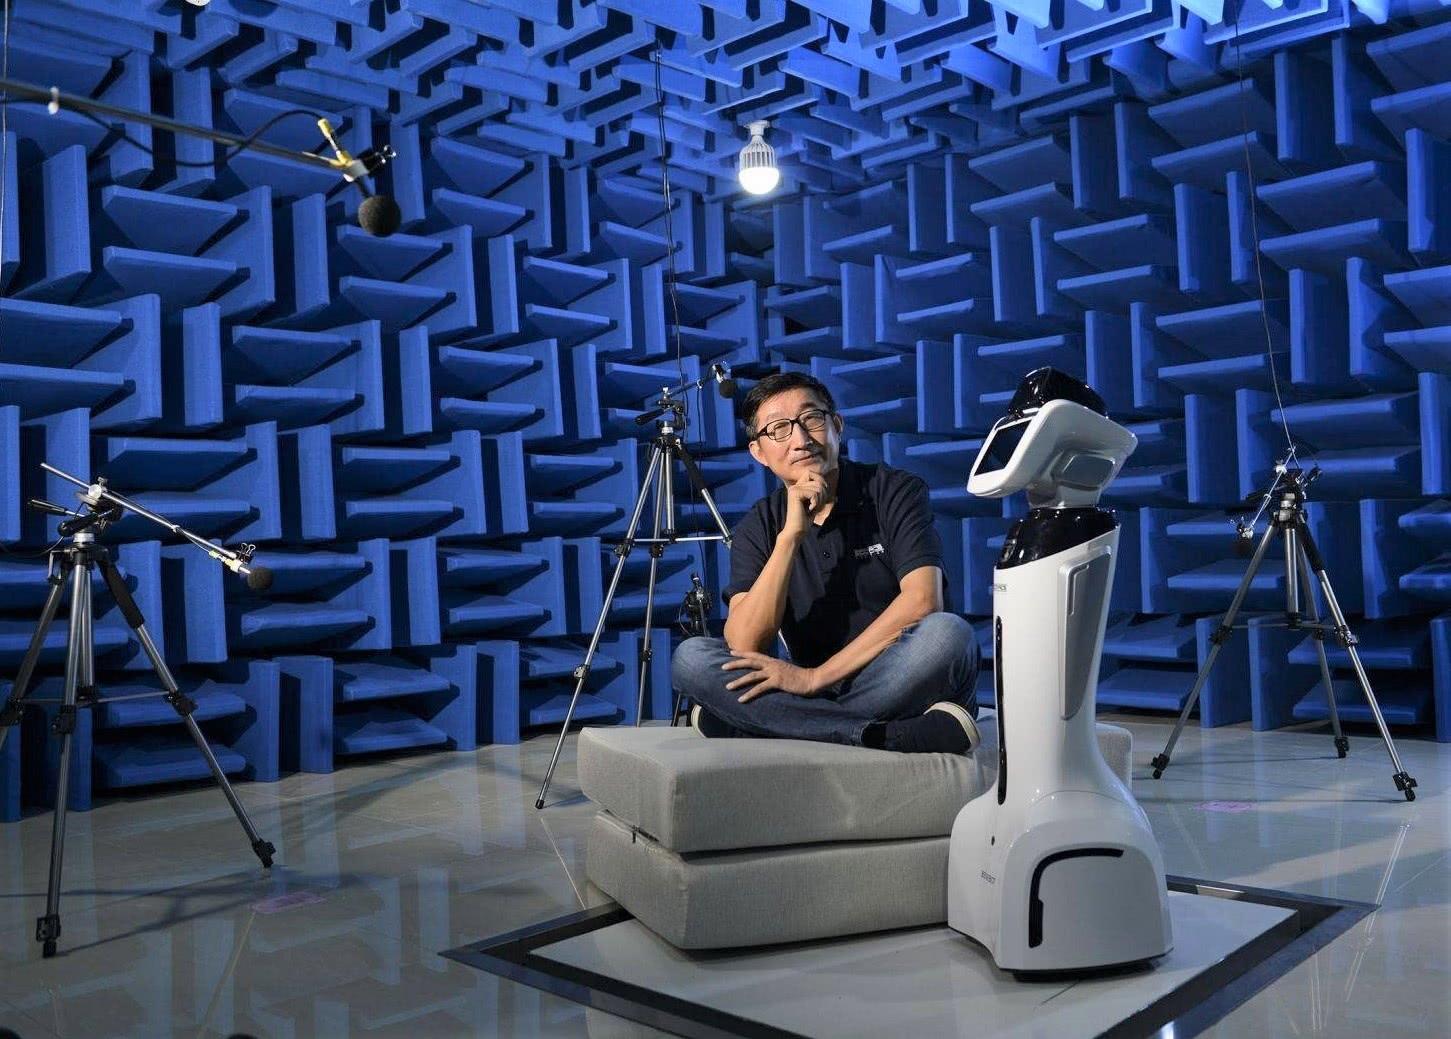 中国销量第一的机器人:小米三星都不是对手,去年单品卖出20万台